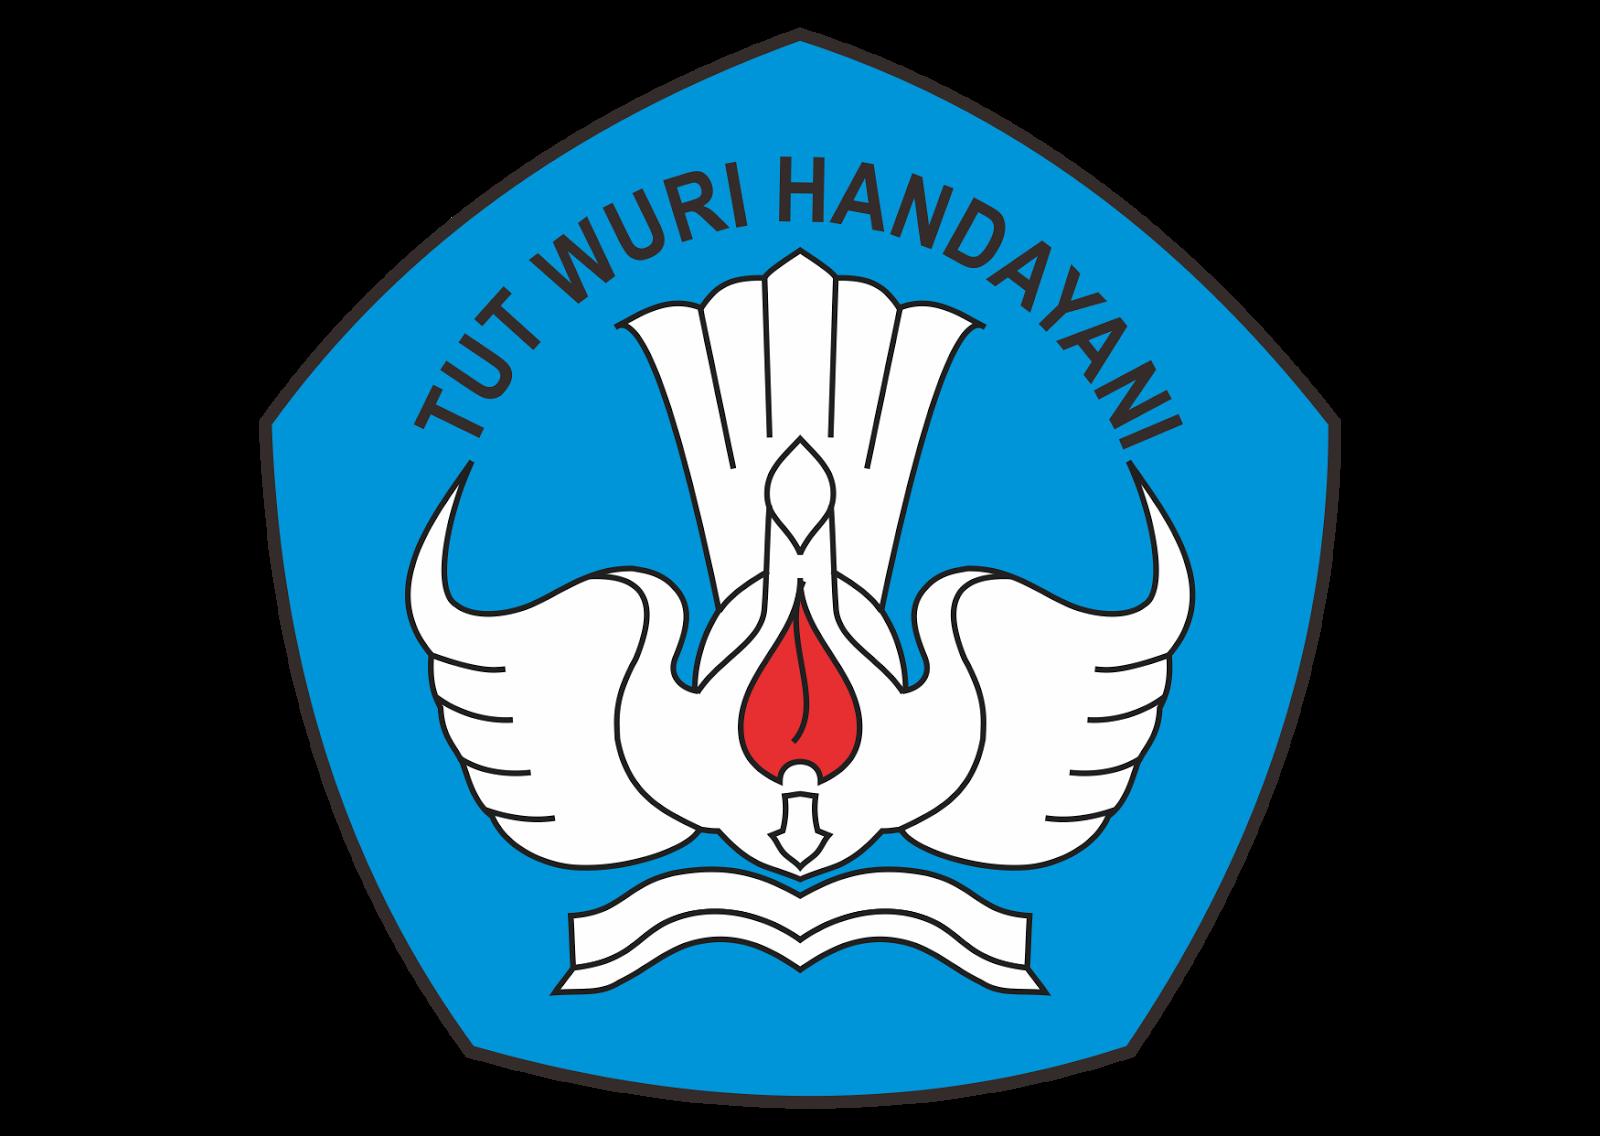 2 Contoh Soal Ukk Prakarya Smp Kelas 8 Kurikulum 2013 Tahun 2017 Adalah Salah Satu Materi Soal Yang Dapat Digunakan Sebagai Acuan Untuk Desain Logo Sekolah Smp